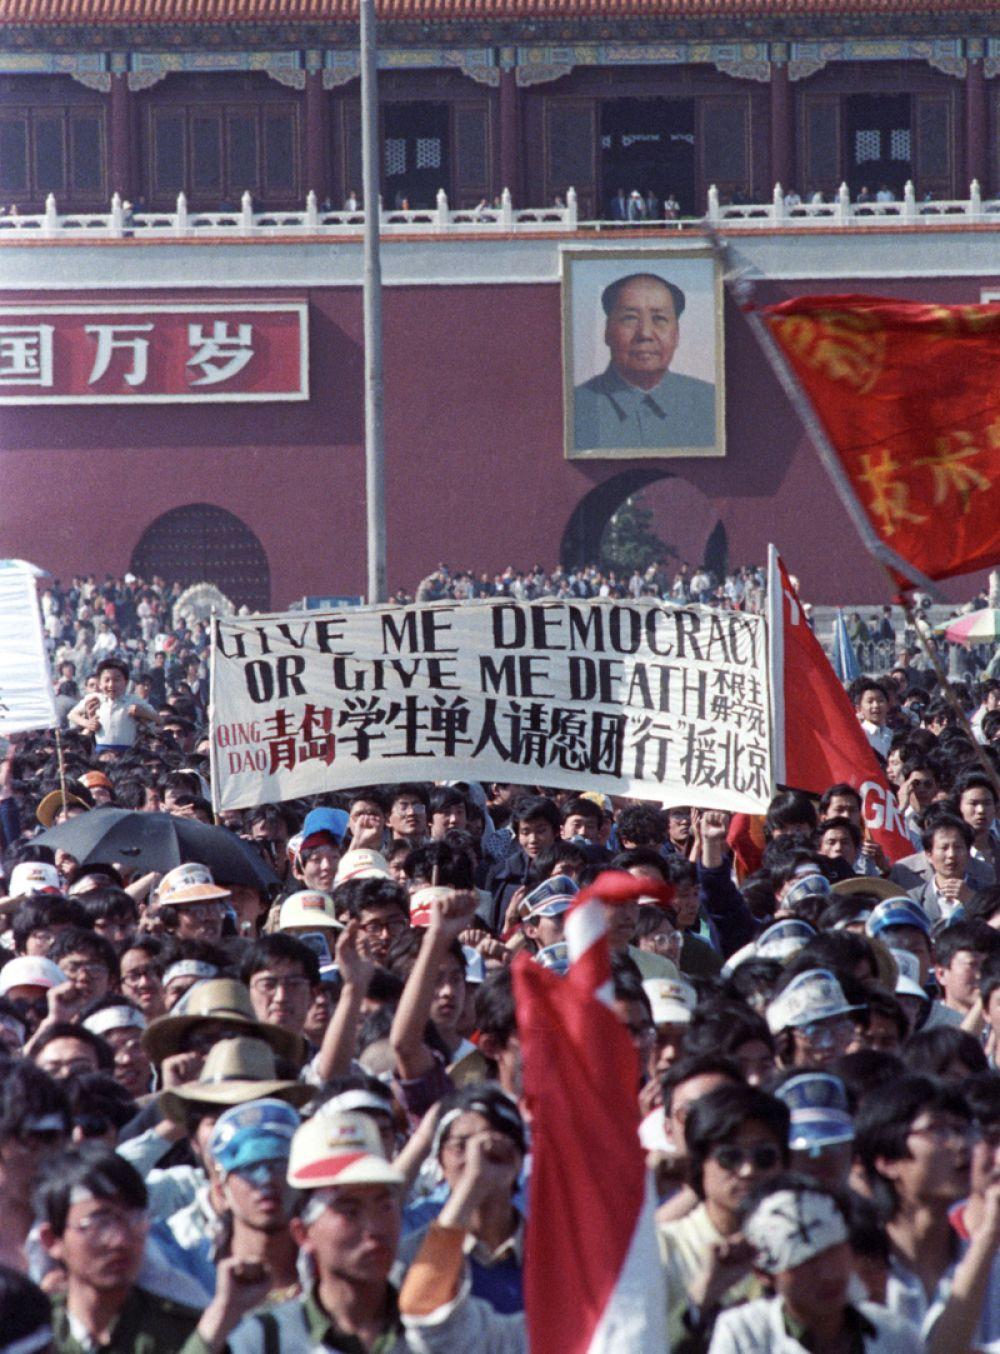 Надпись на плакате: «Дайте мне демократию или дайте мне смерть».